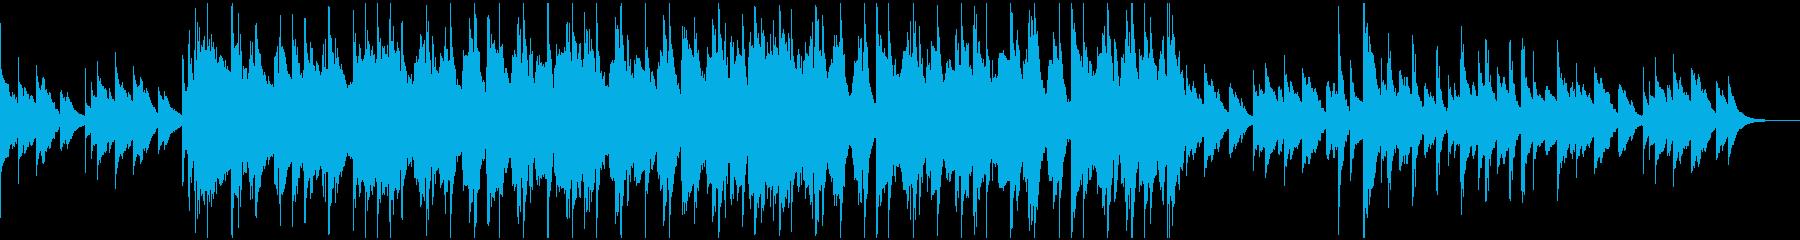 ポップでかわいいカントリー調BGMの再生済みの波形